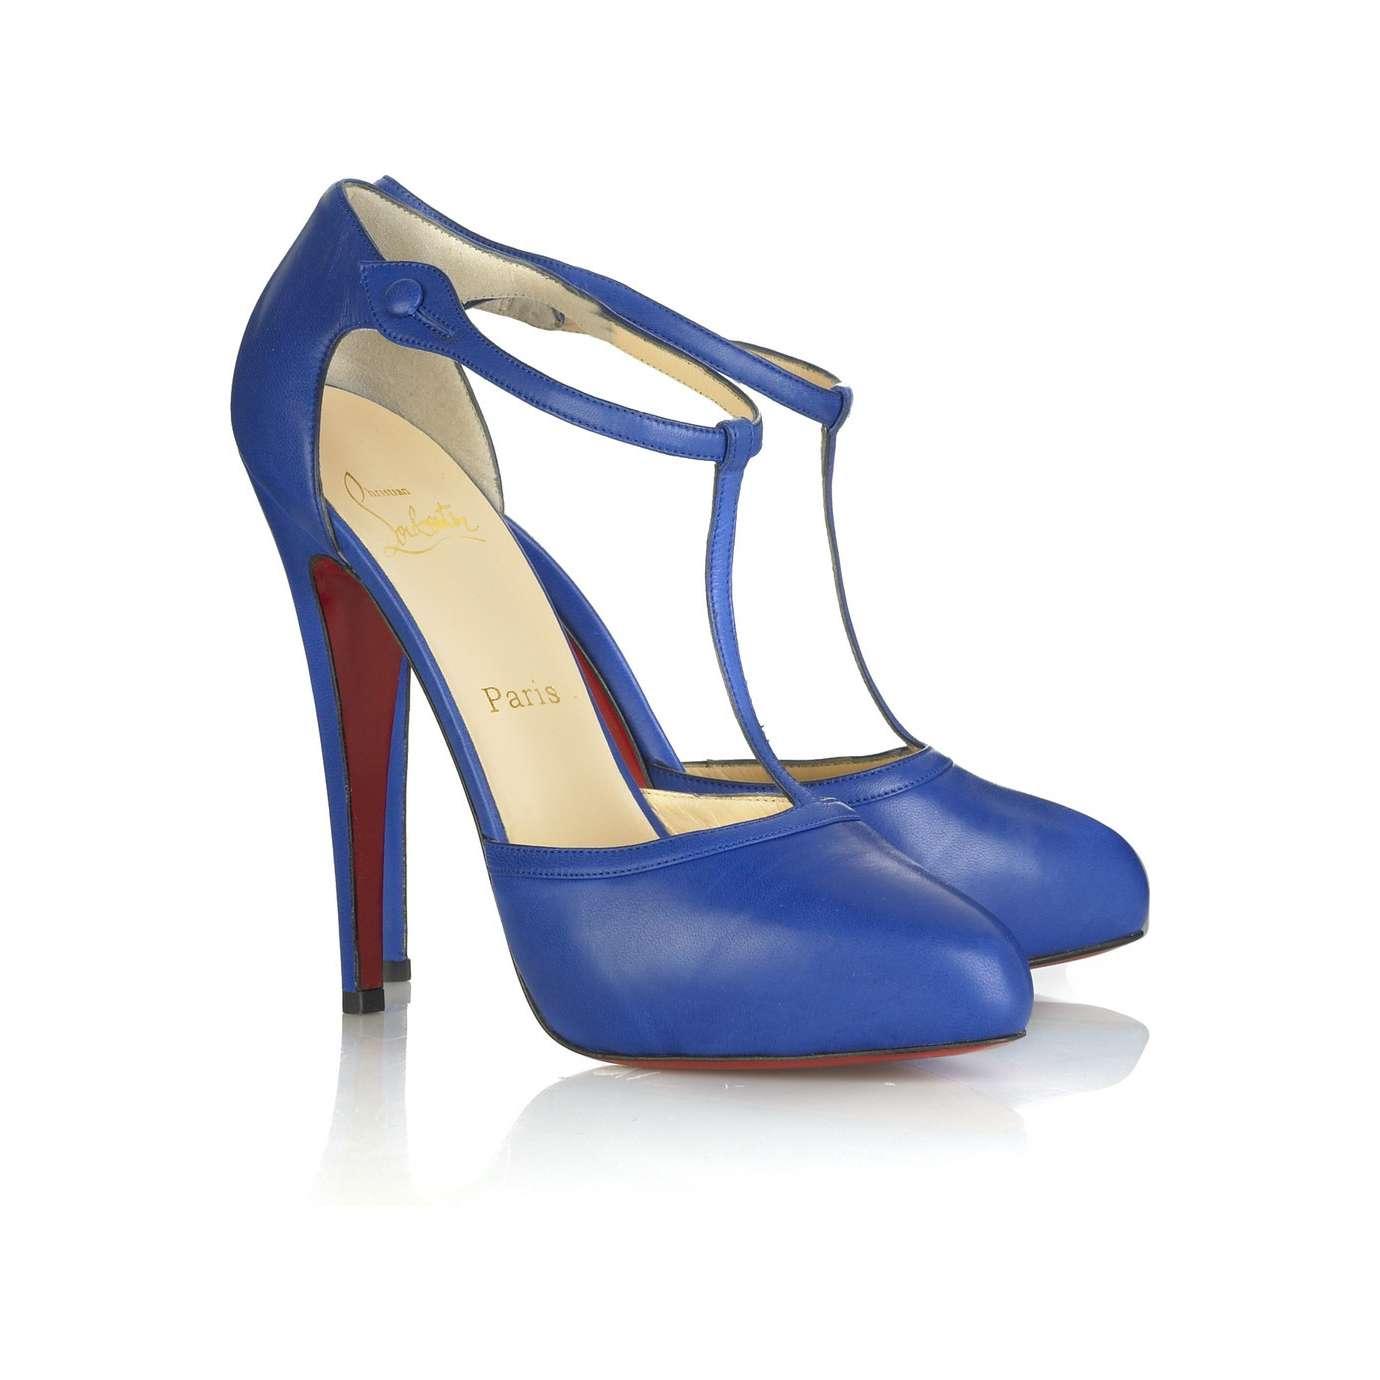 T-bar heel iconic shoe